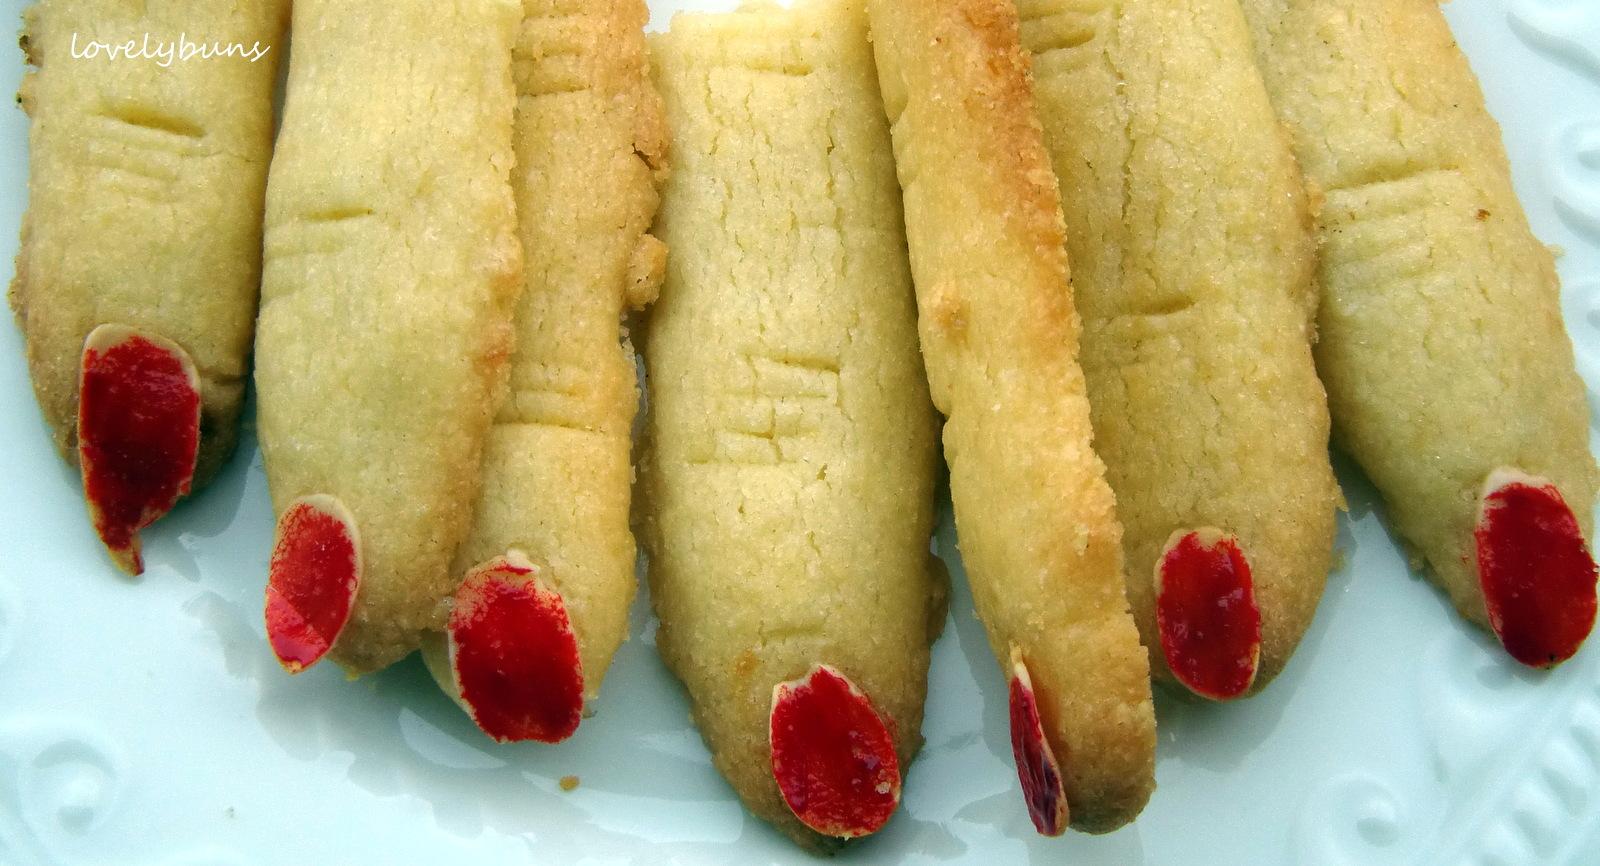 halloween finger food~   ~~~ lovely buns ~~~